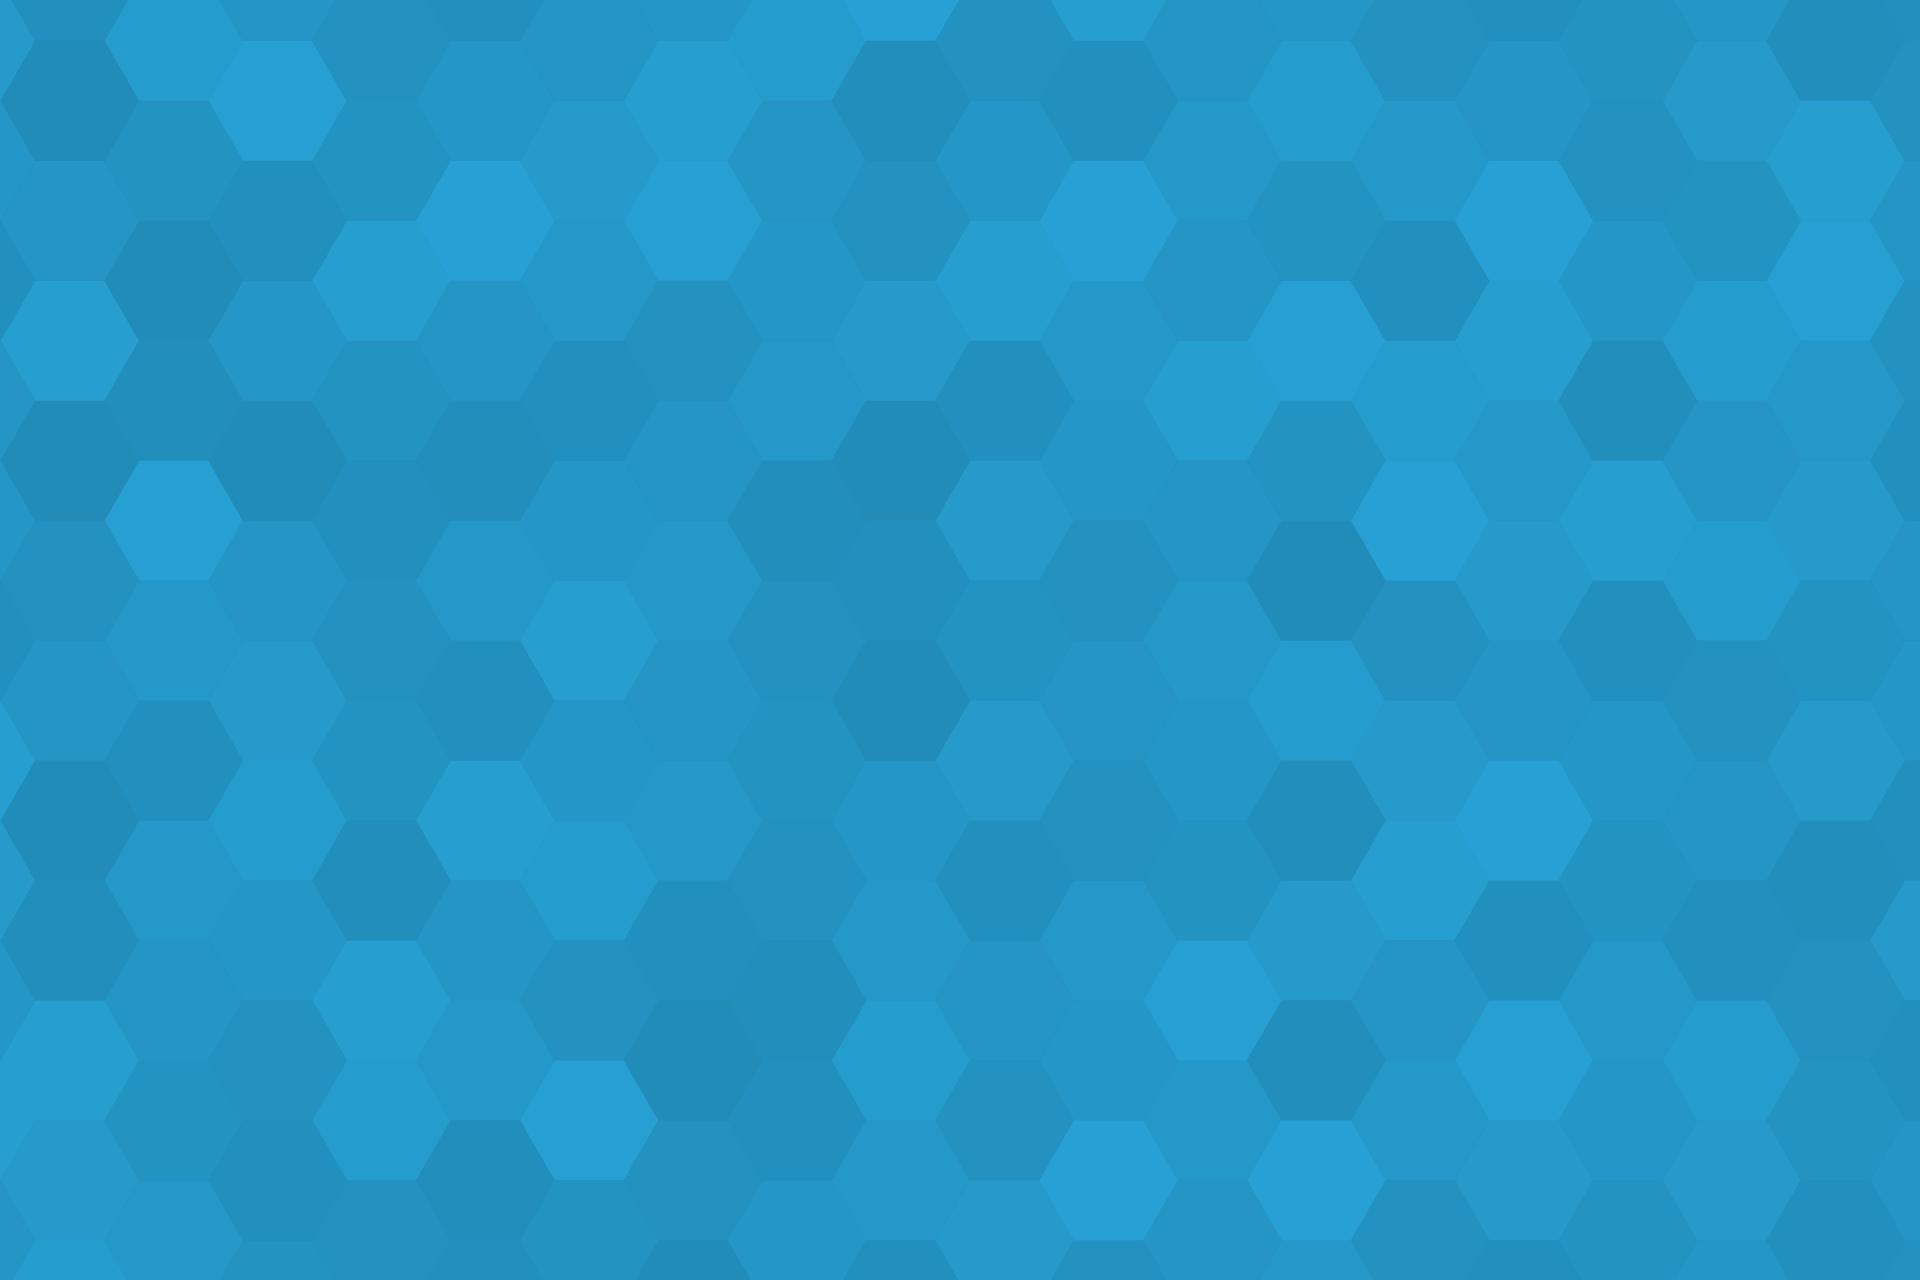 hexography_blue